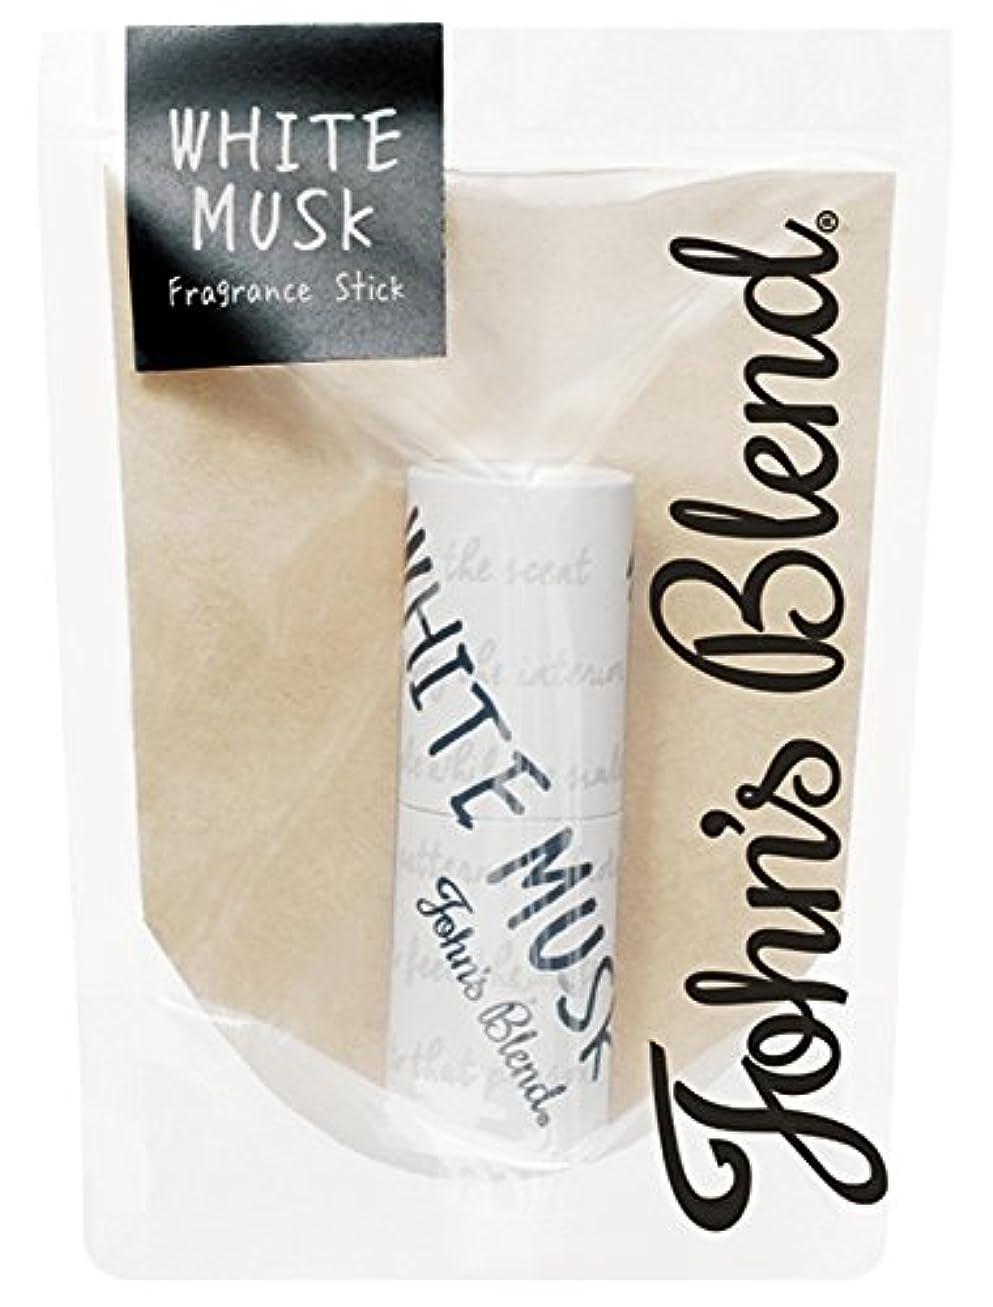 キャプテンアナログフローノルコーポレーション John's Blend 練り香水 フレグランススティック OZ-JOD-3-1 ホワイトムスクの香り 3.5g